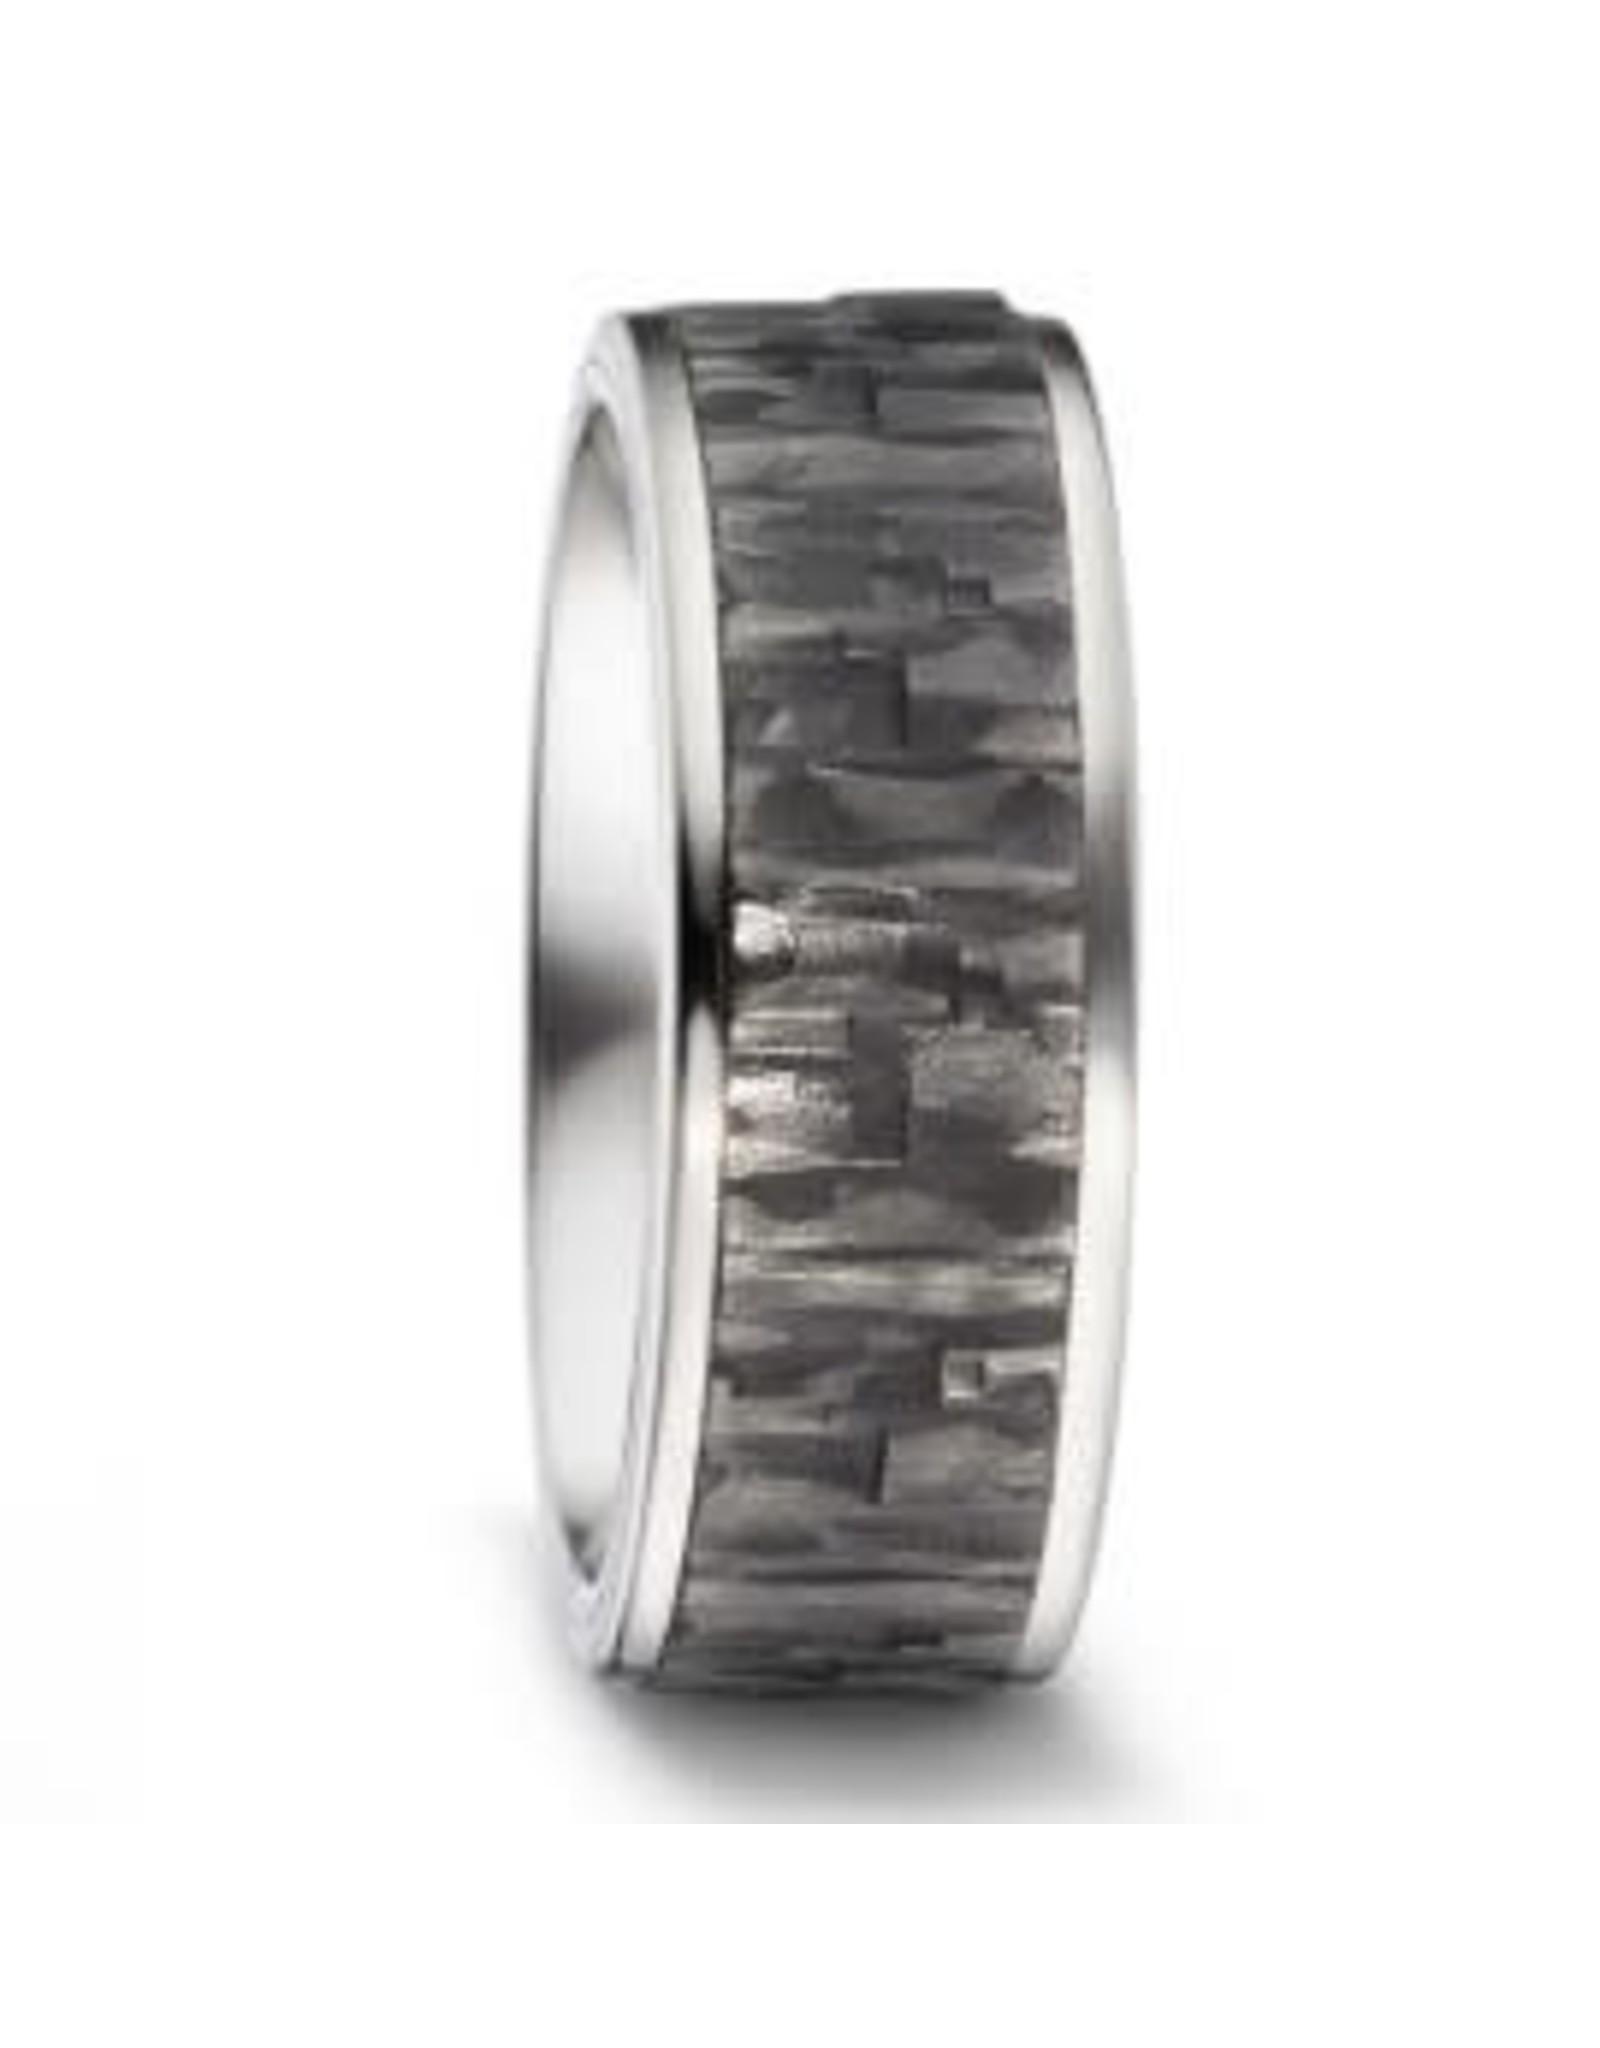 Titan Factory Ring Titanium TF/52547/001/000/205 8mm